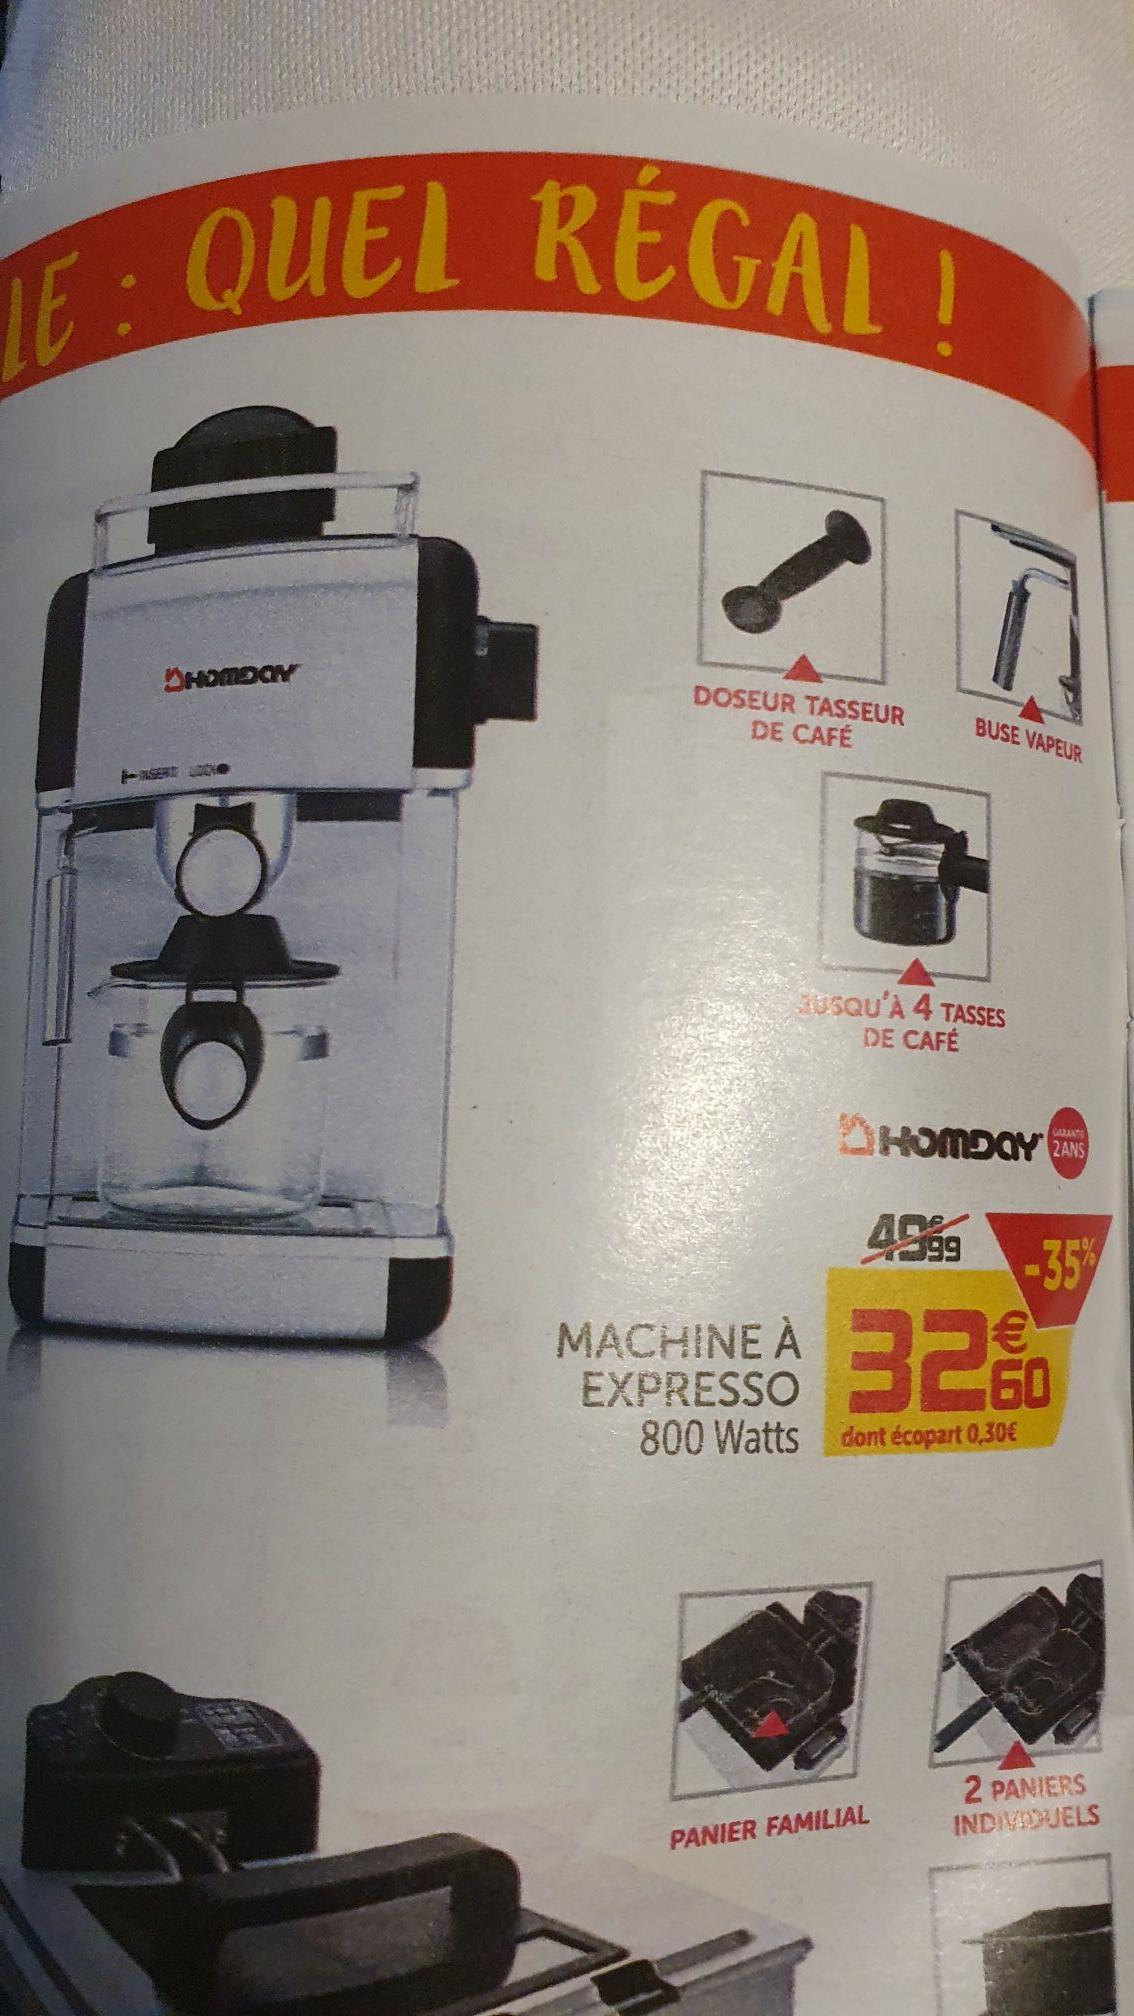 Machine à café Expresso Homday - 800 W